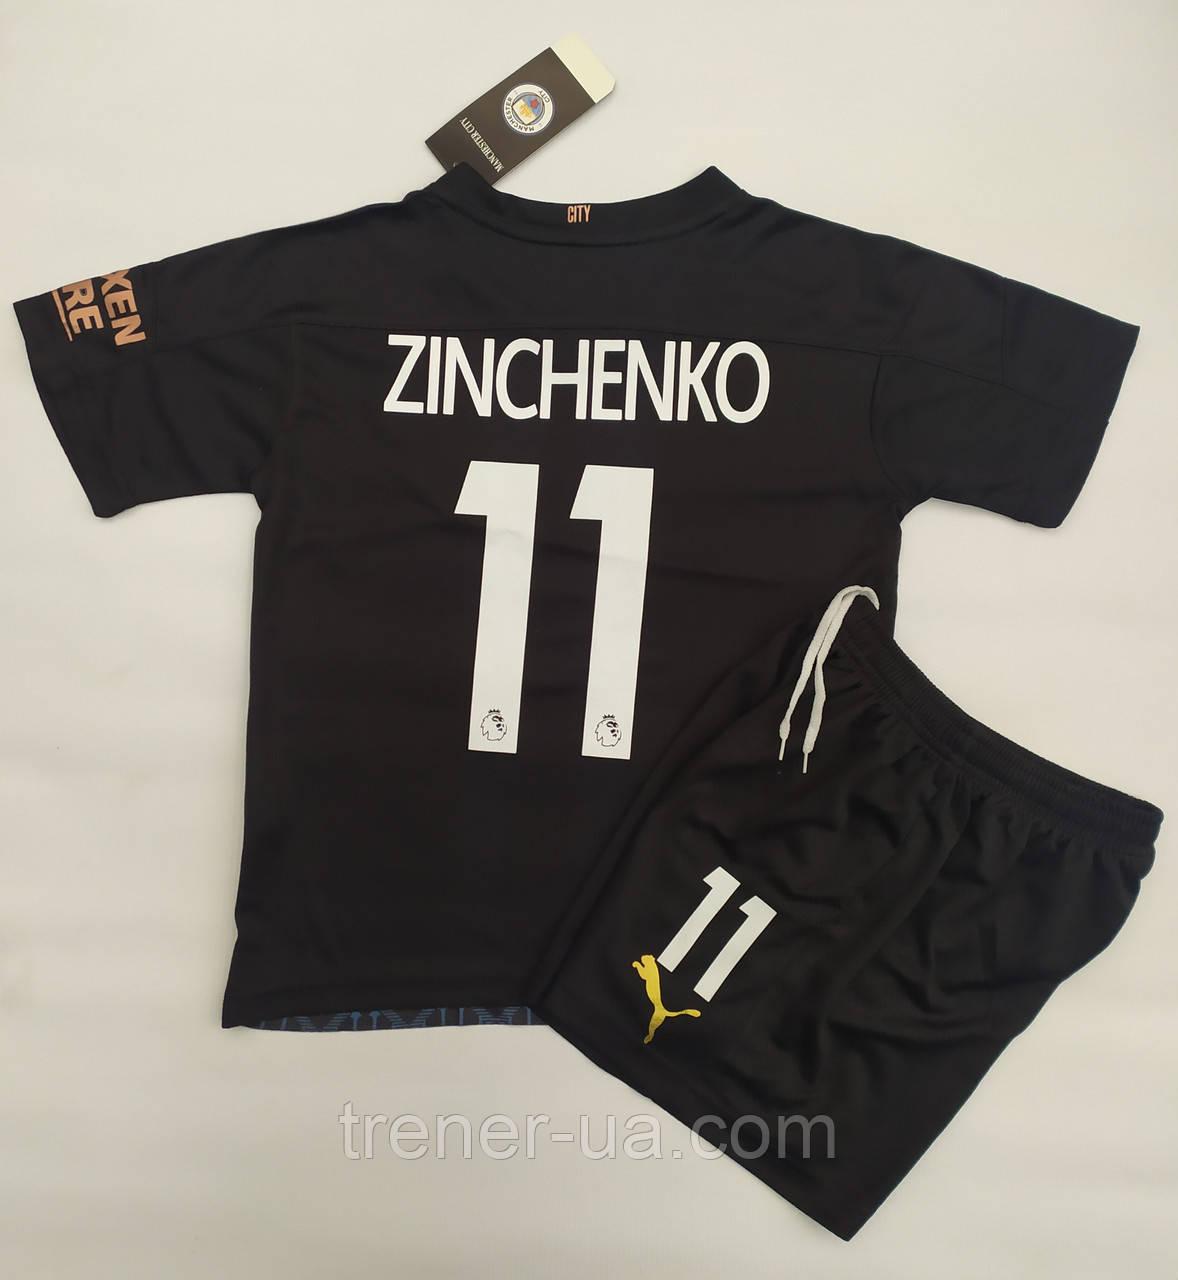 Футбольна форма дитяча Manchester Citi Zinchenko виїзна чорна 2021